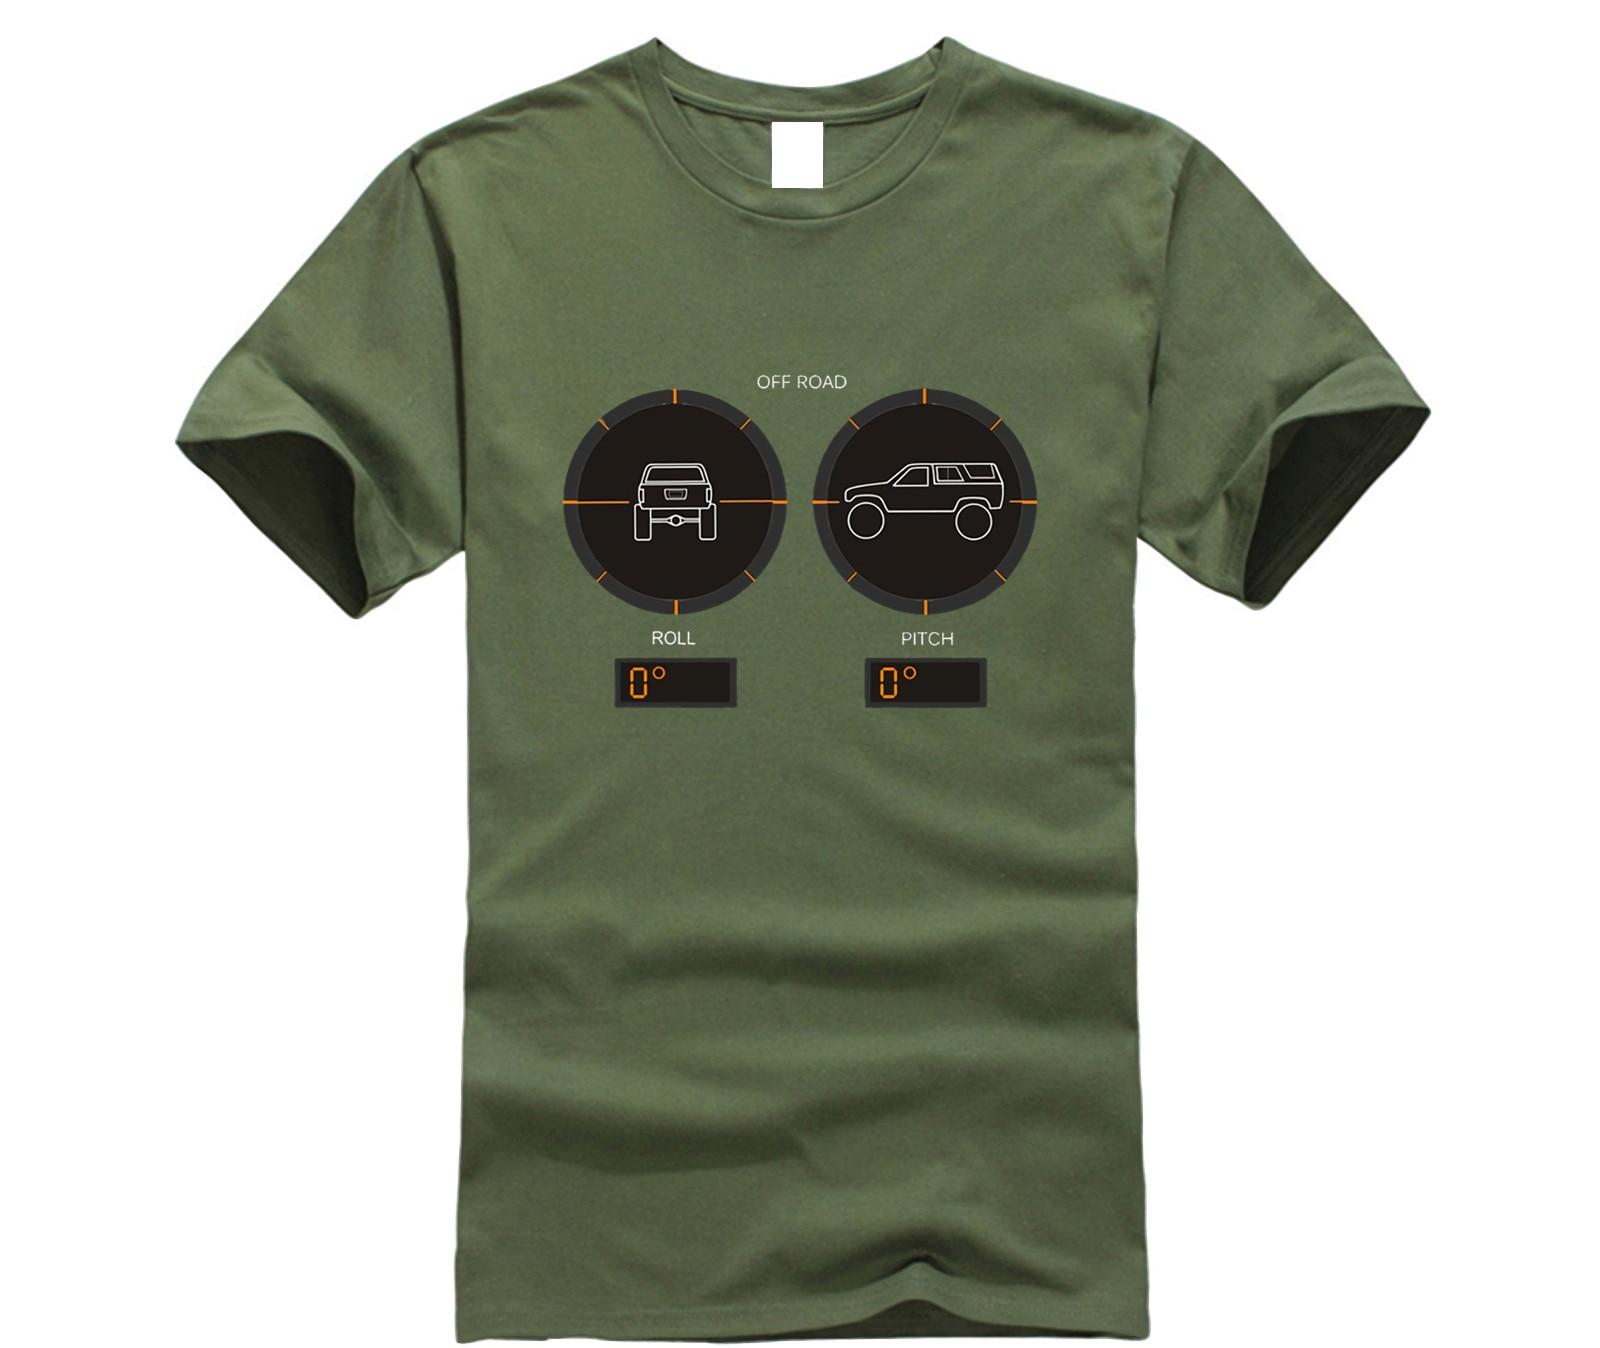 ¡Novedad de 2020! Camiseta para hombre a la moda de 4 corredor 4x4, soporte de techo, deslizador de roca, camisa con parachoques de cabrestante y cuello redondo